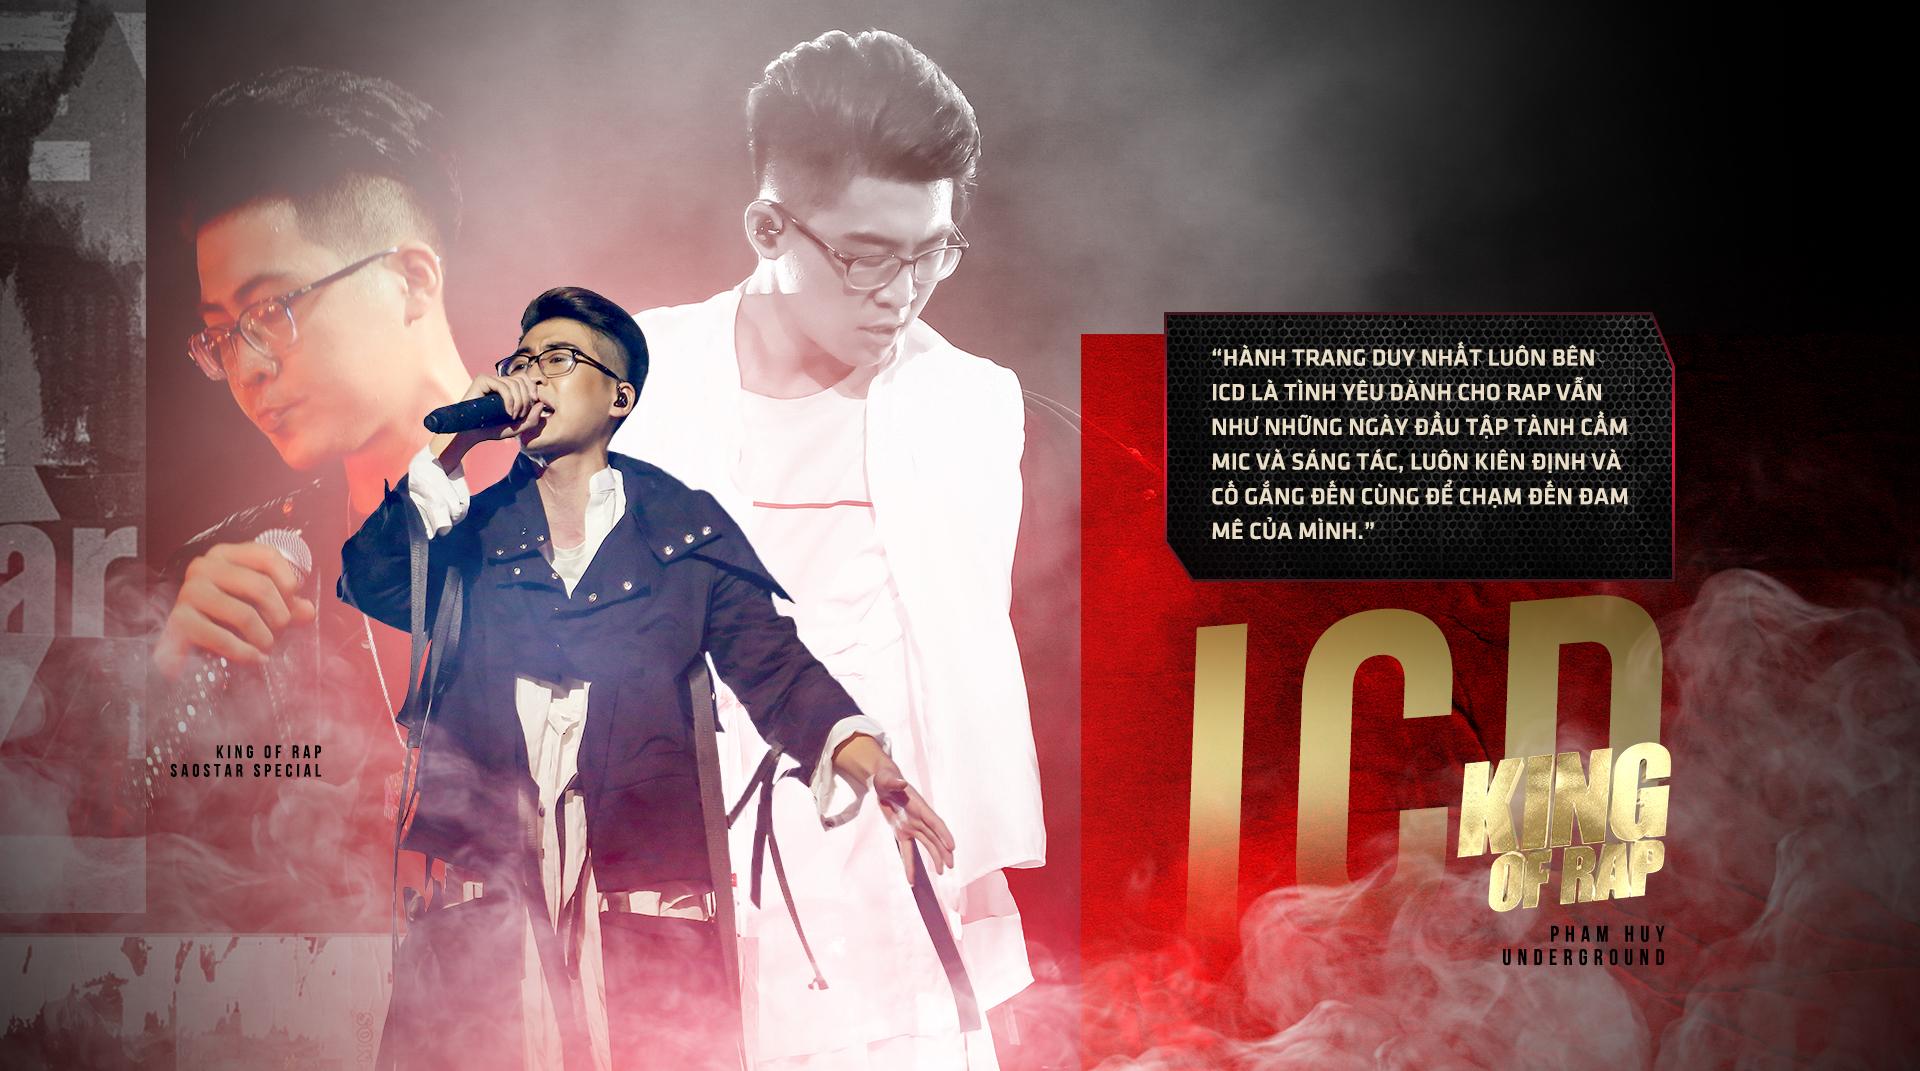 Hành trình đến ngôi vị quán quân King Of Rap của ICD: Kẻ lãng du của thế giới ngầm đã vụt sáng Ảnh 2